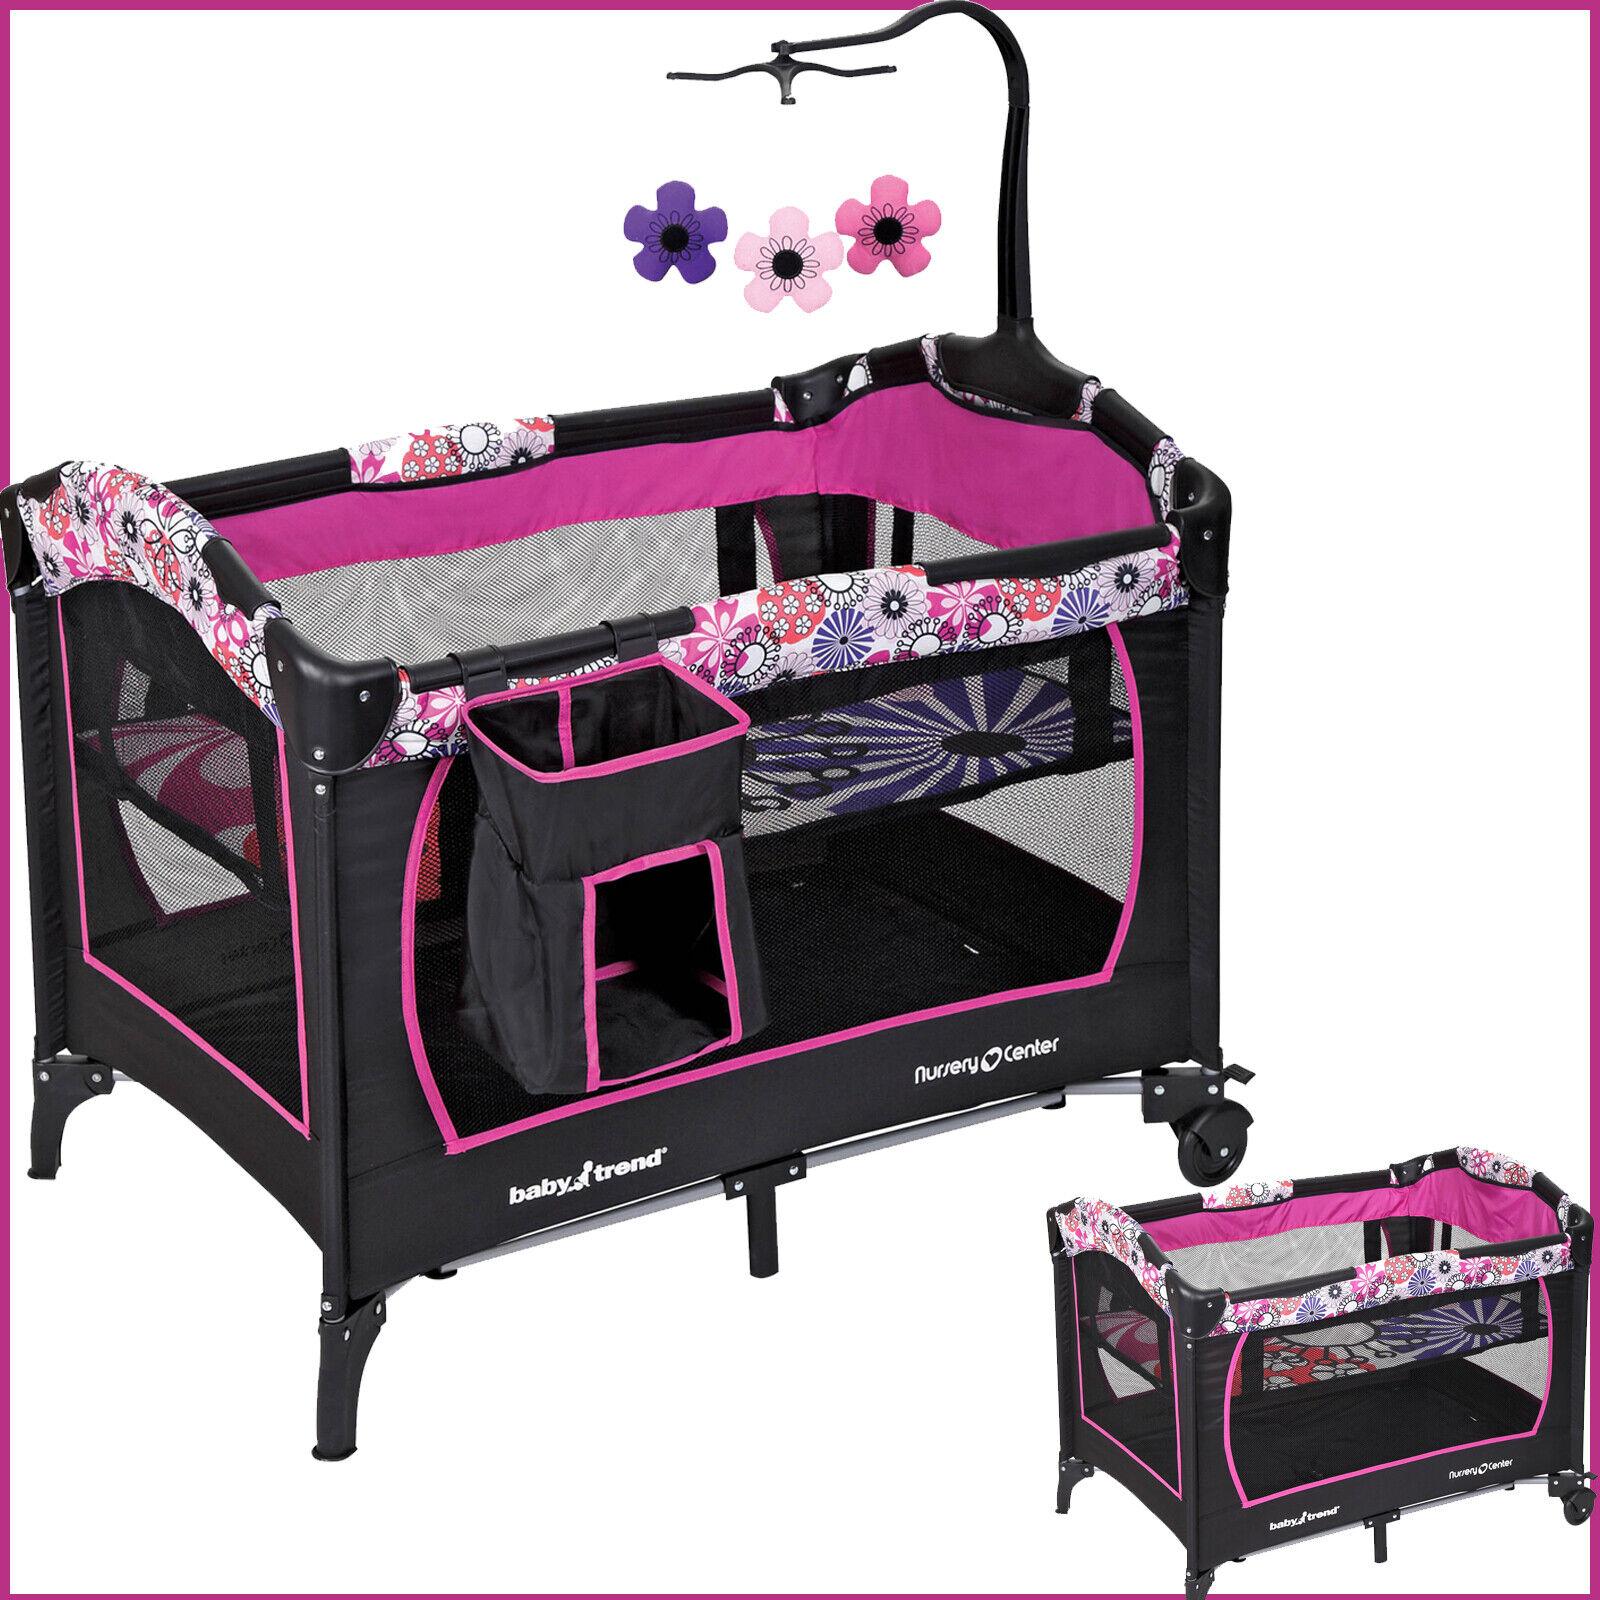 Baby Trend pack n play Yard portable playpen Nursery Infant